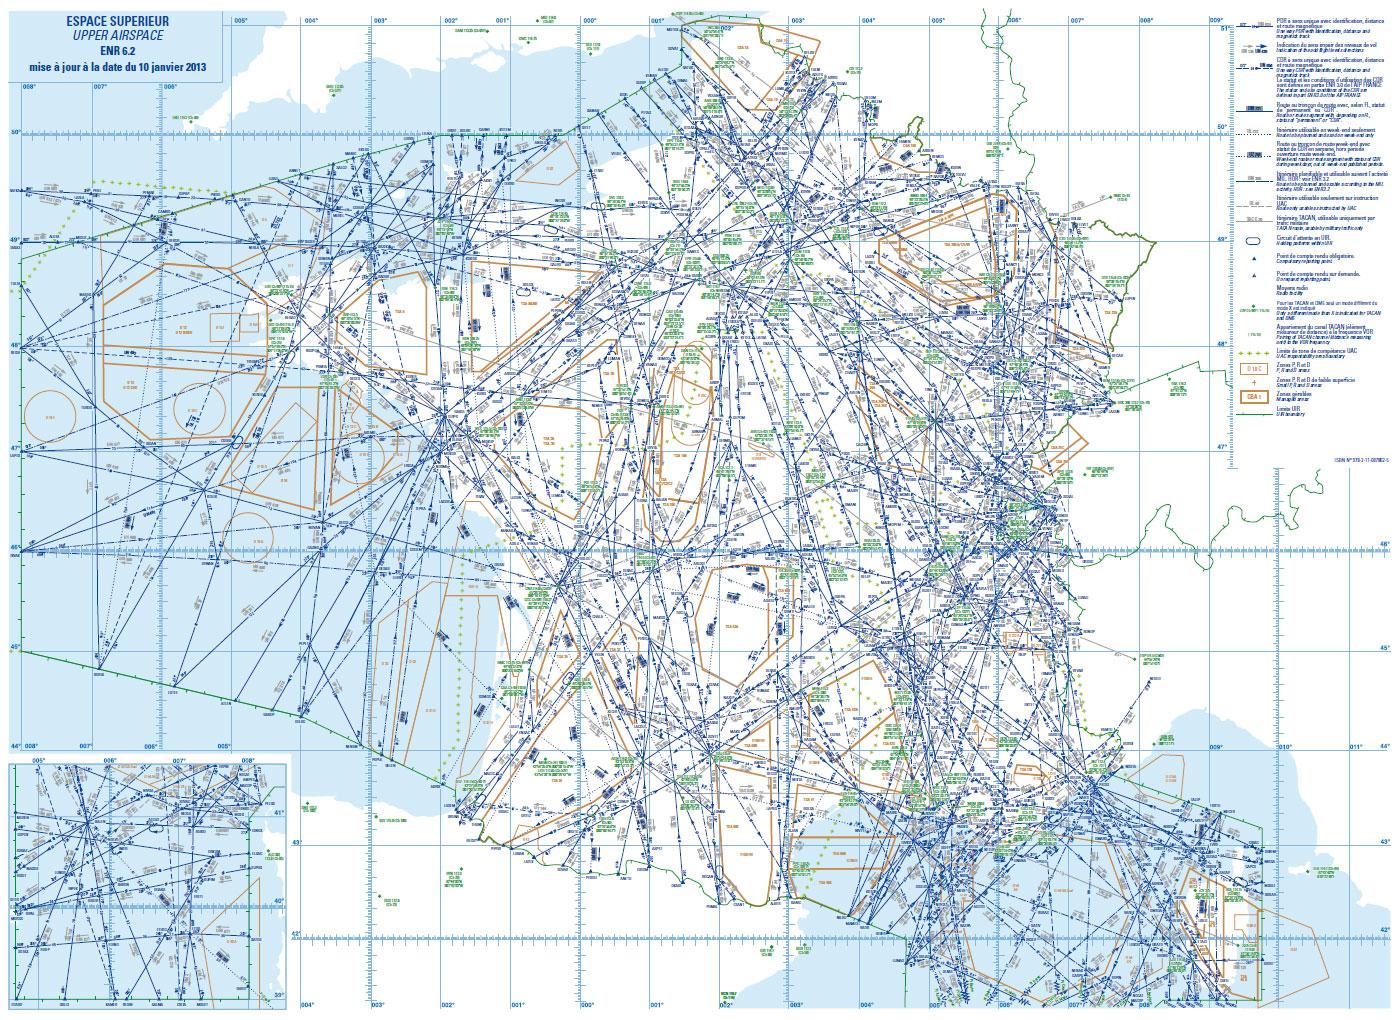 Carte des routes aériennes supérieures